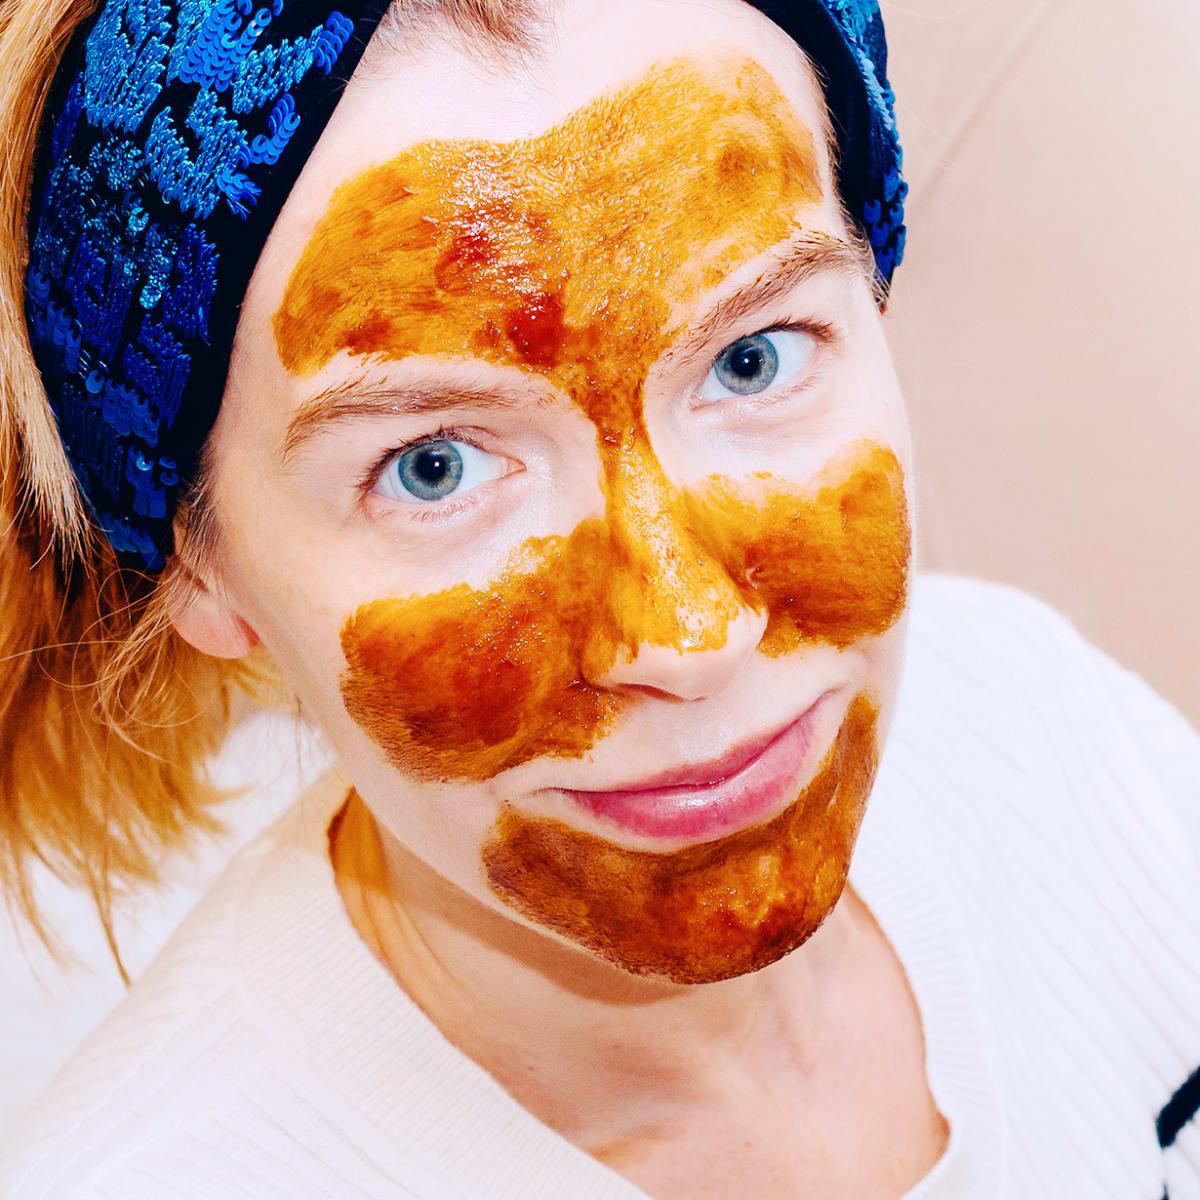 Masque Vivant From Biologique Recherche Review Photos The Skincare Edit